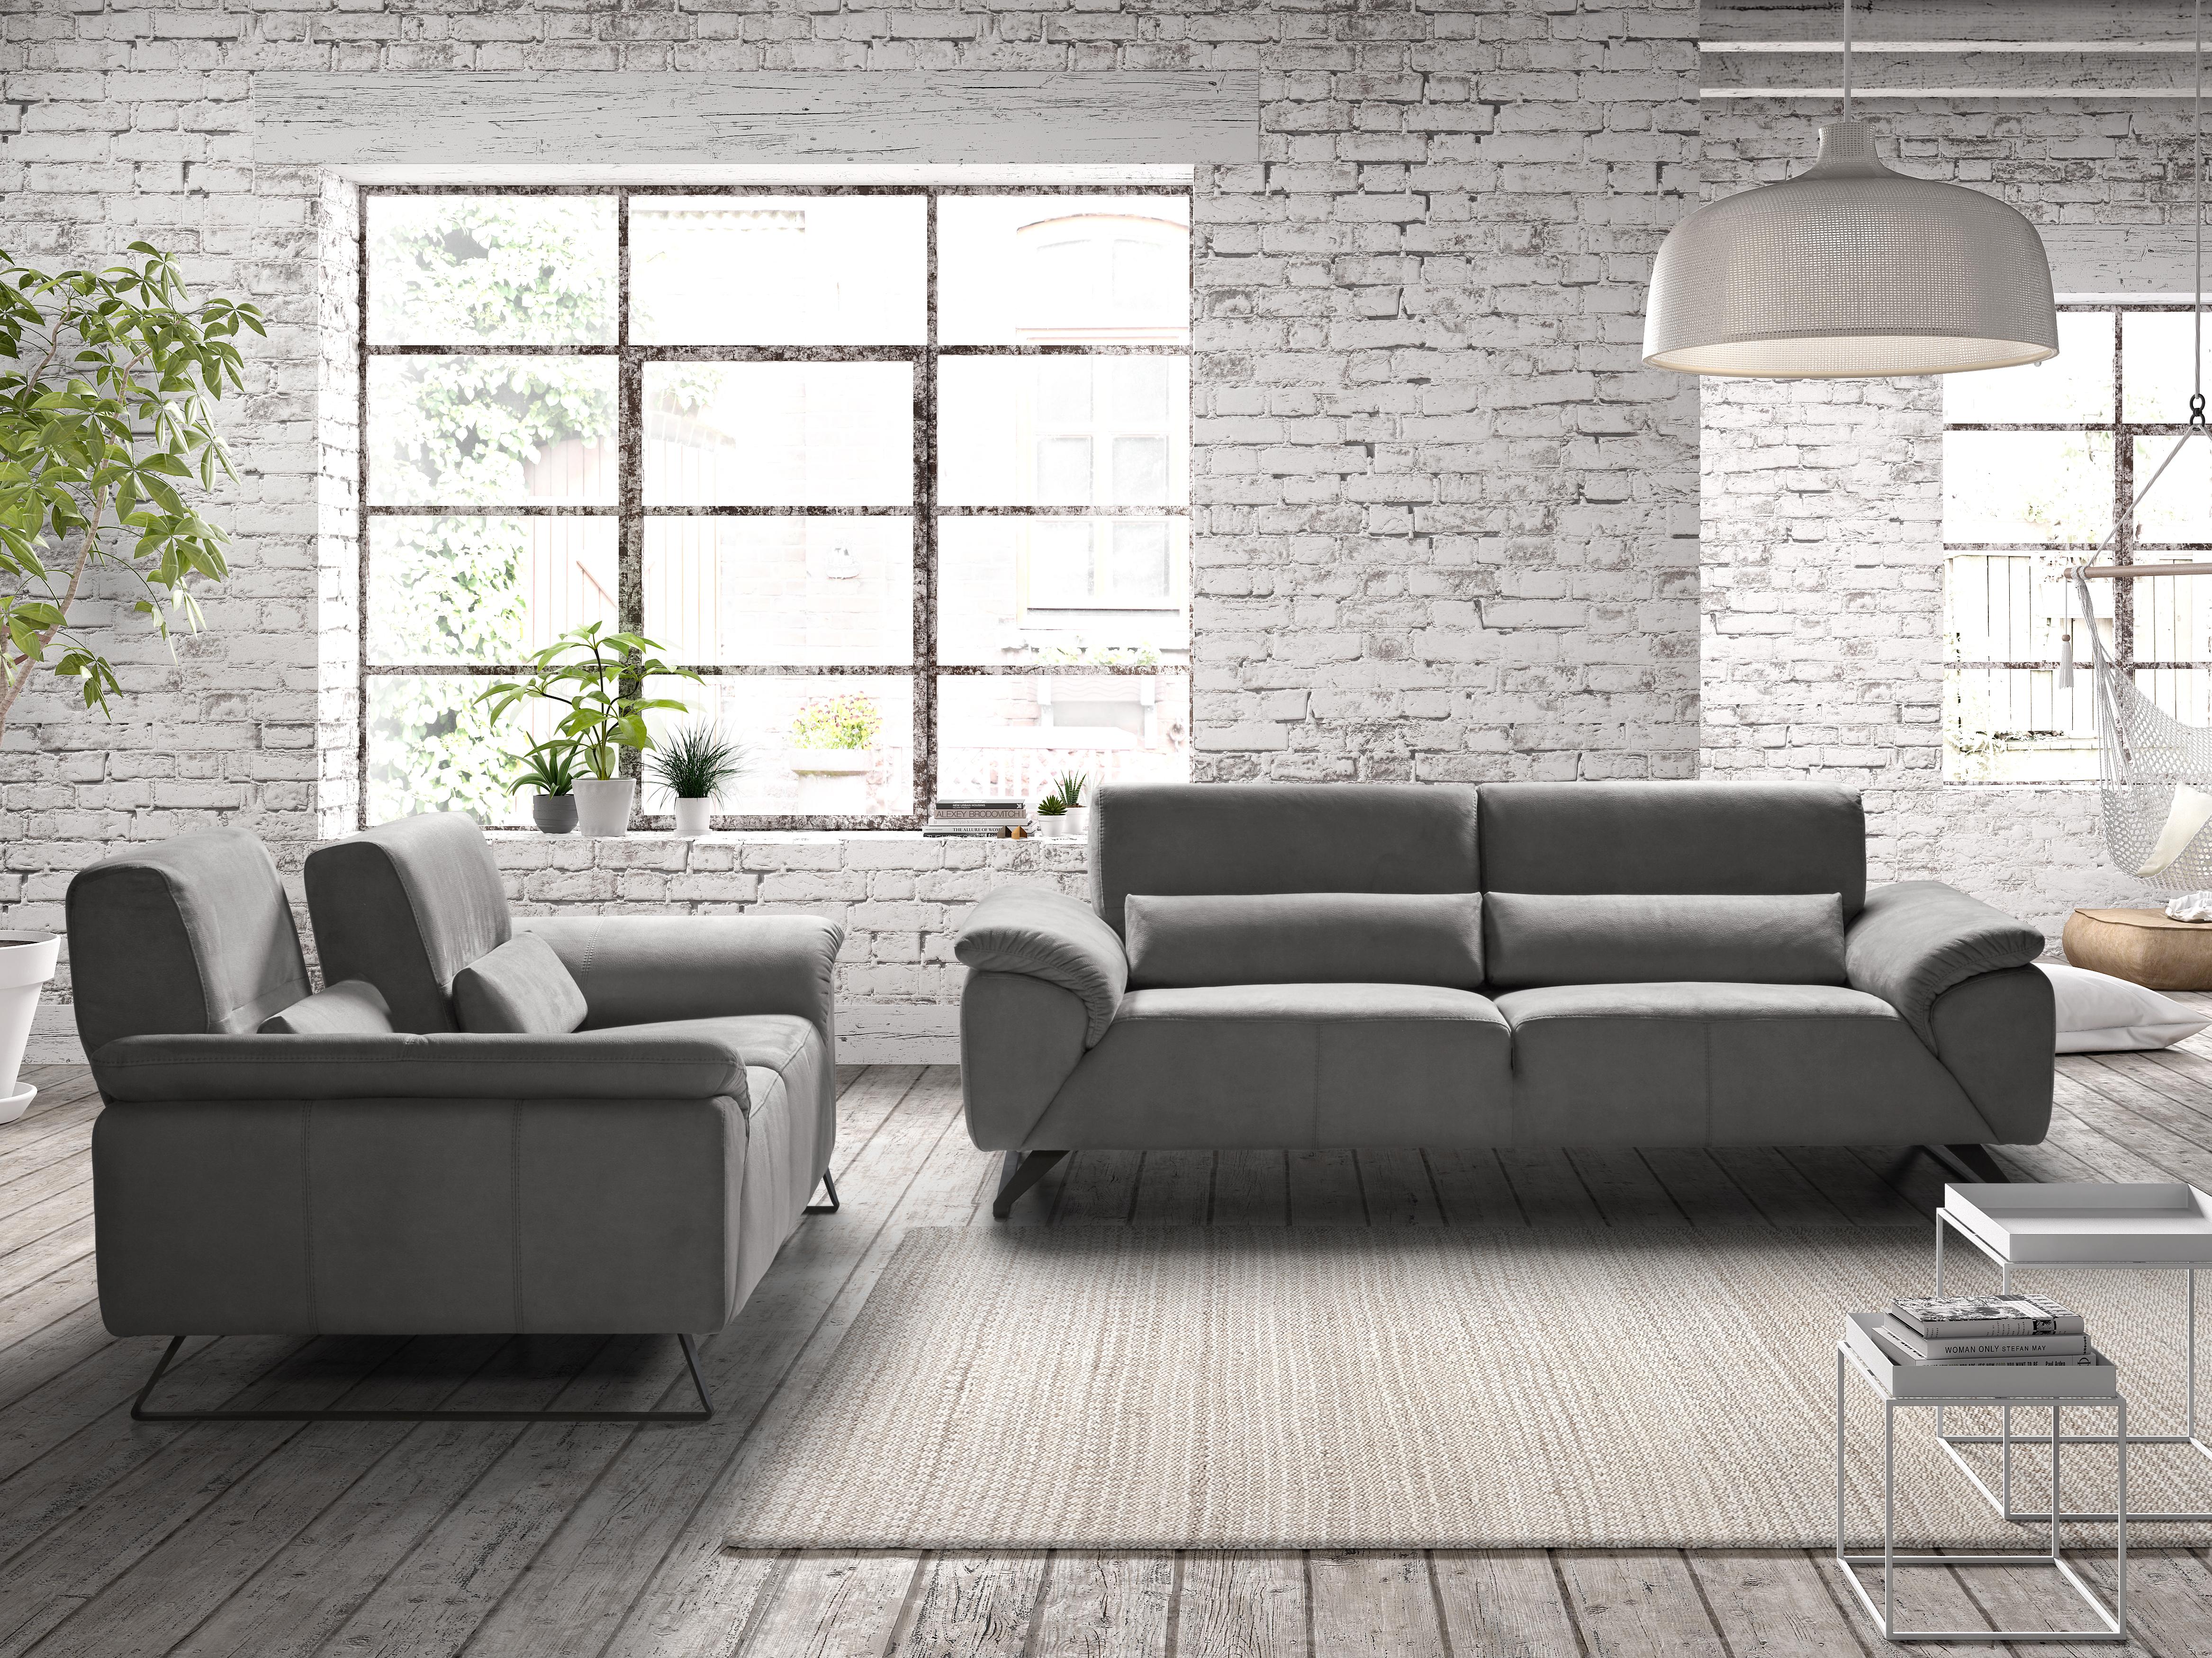 Salon modern C28CAN - Meubelen JoreMeubelen Jore